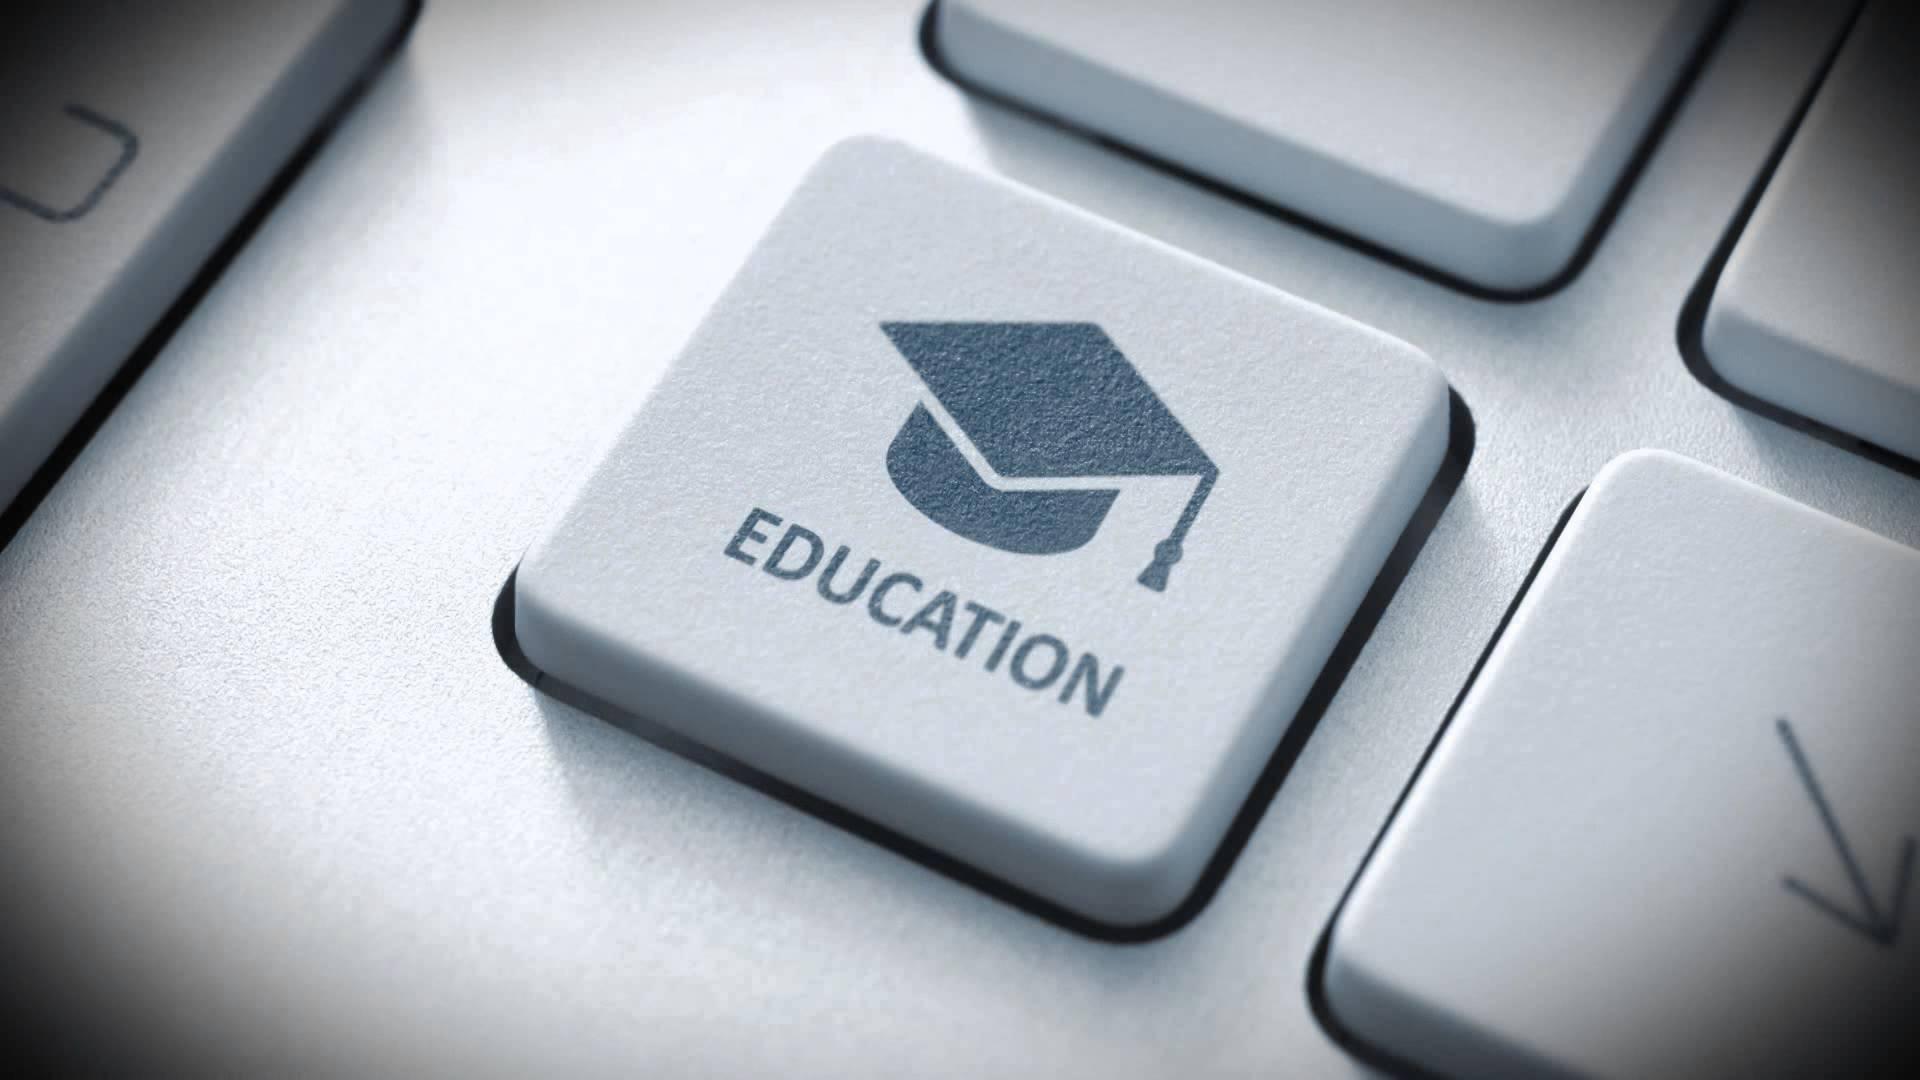 5cd25c_las-mejores-universidades-de-educacion-a-distancia